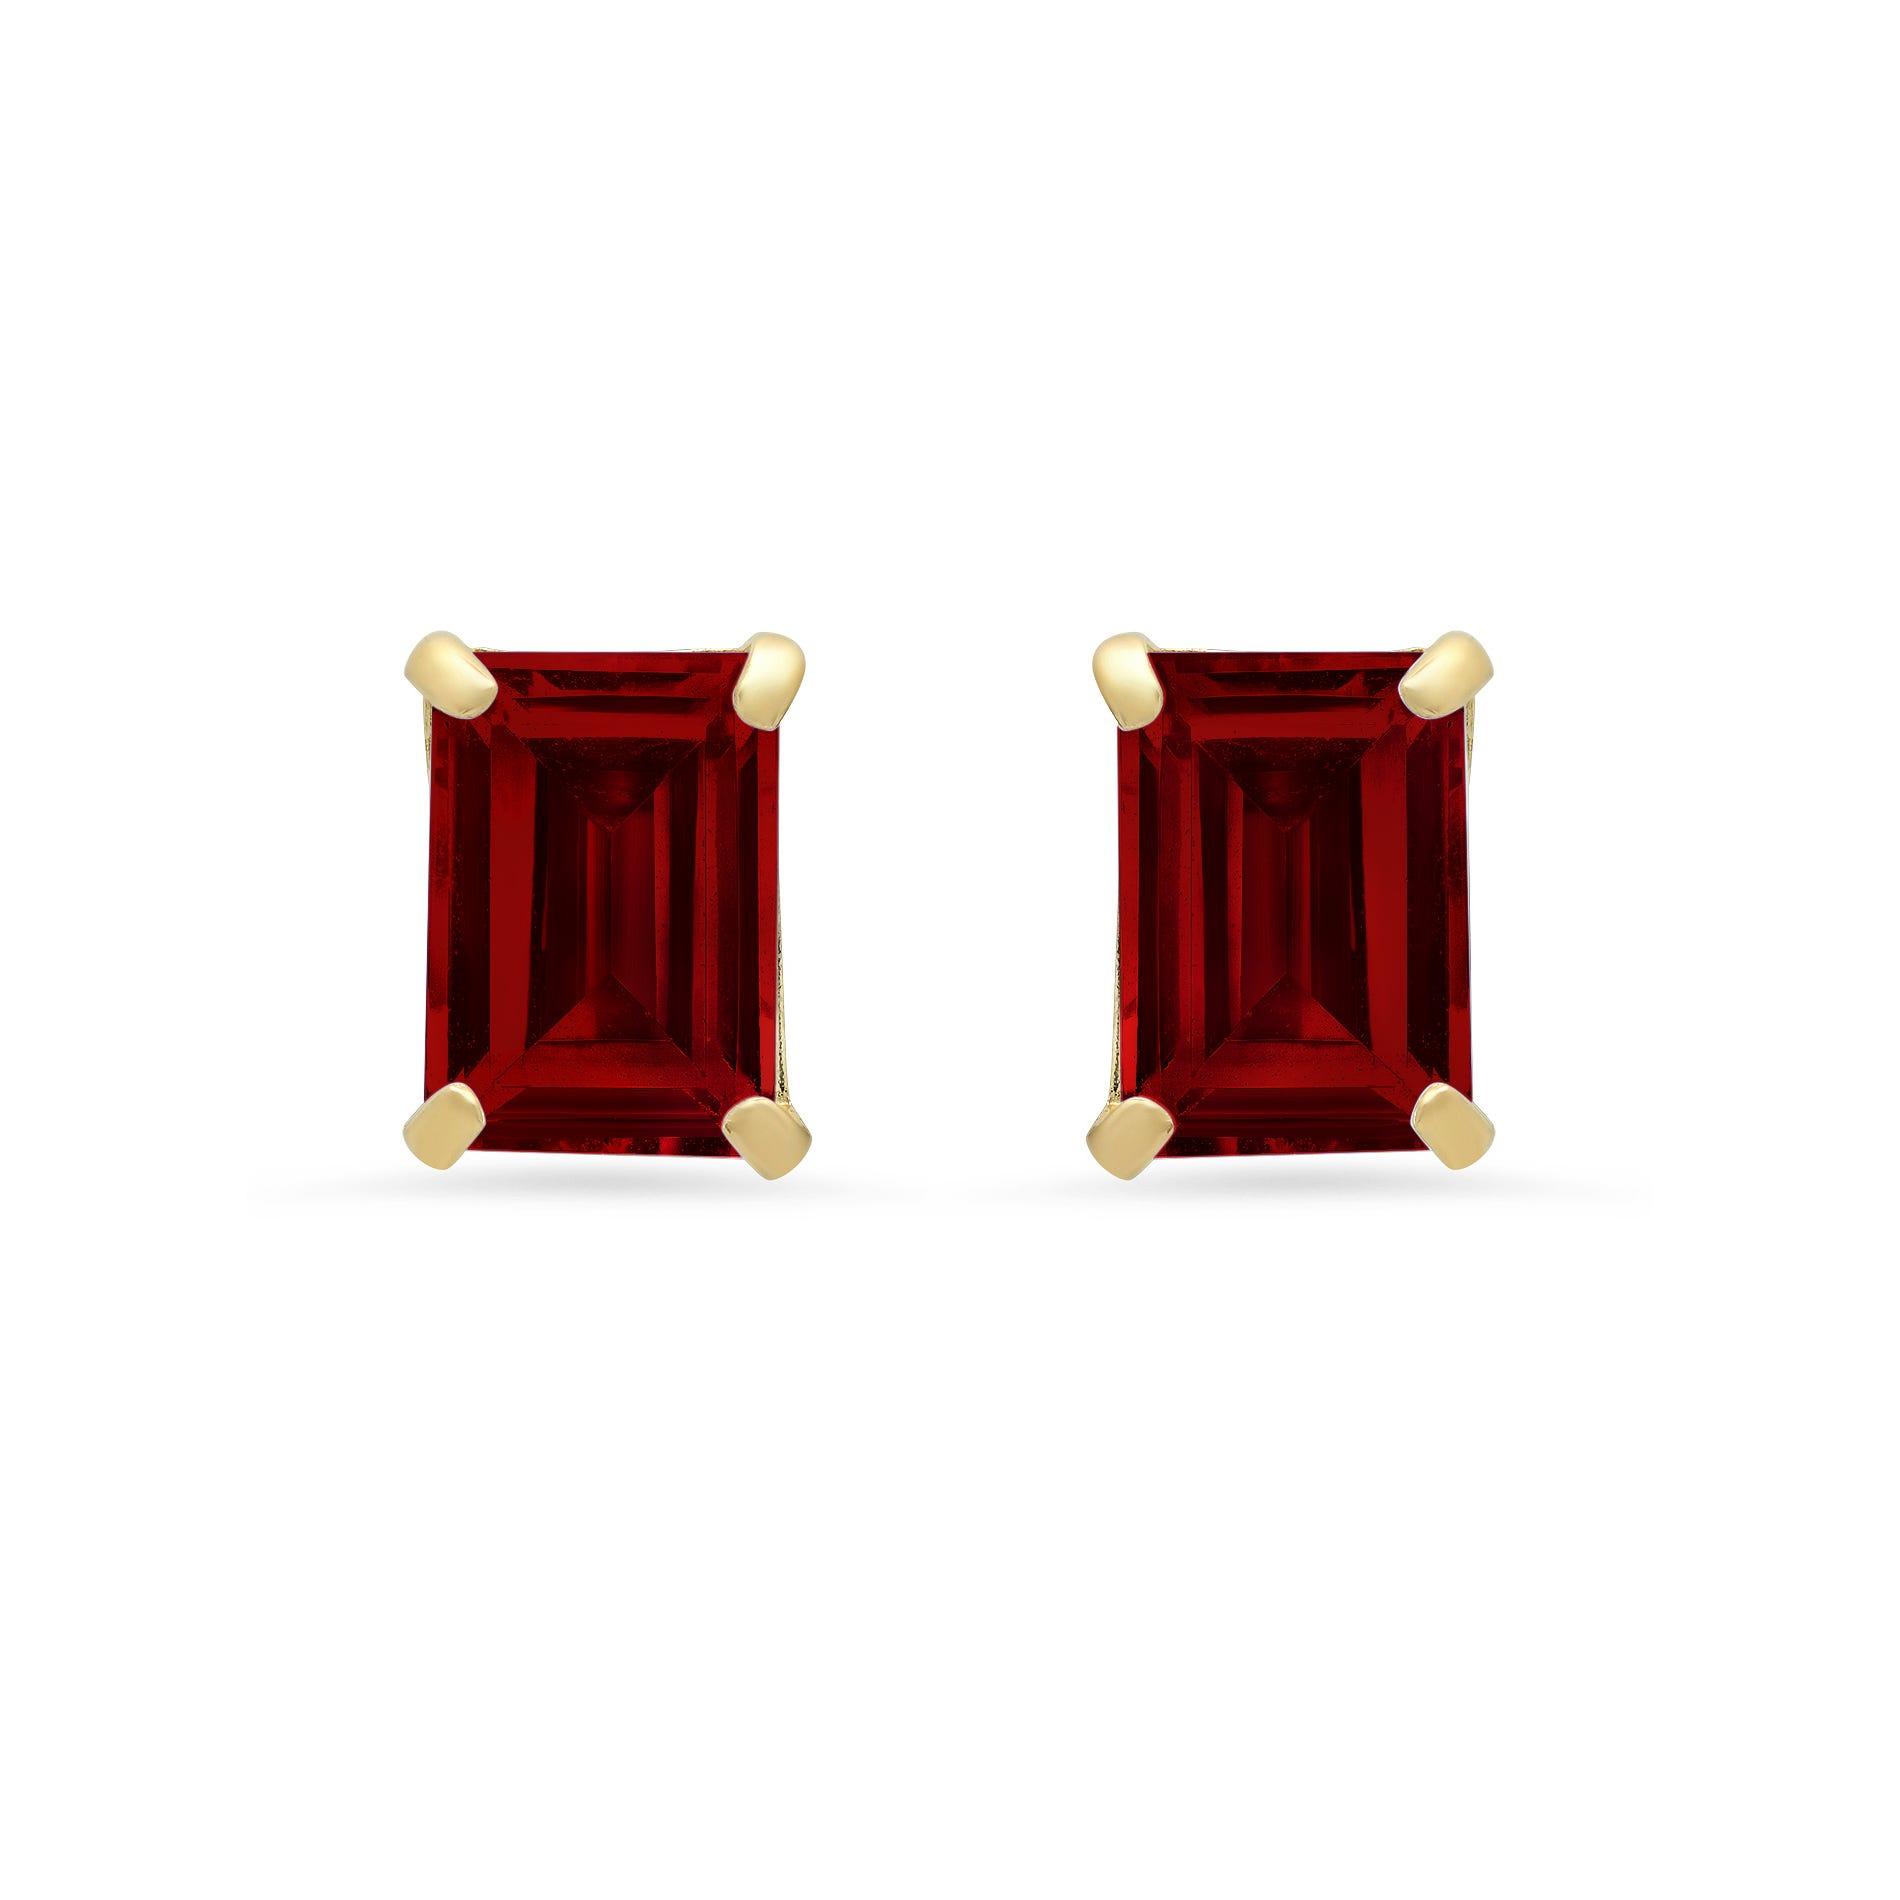 Emerald-Cut Garnet Solitaire Stud Earrings in 14k Yellow Gold